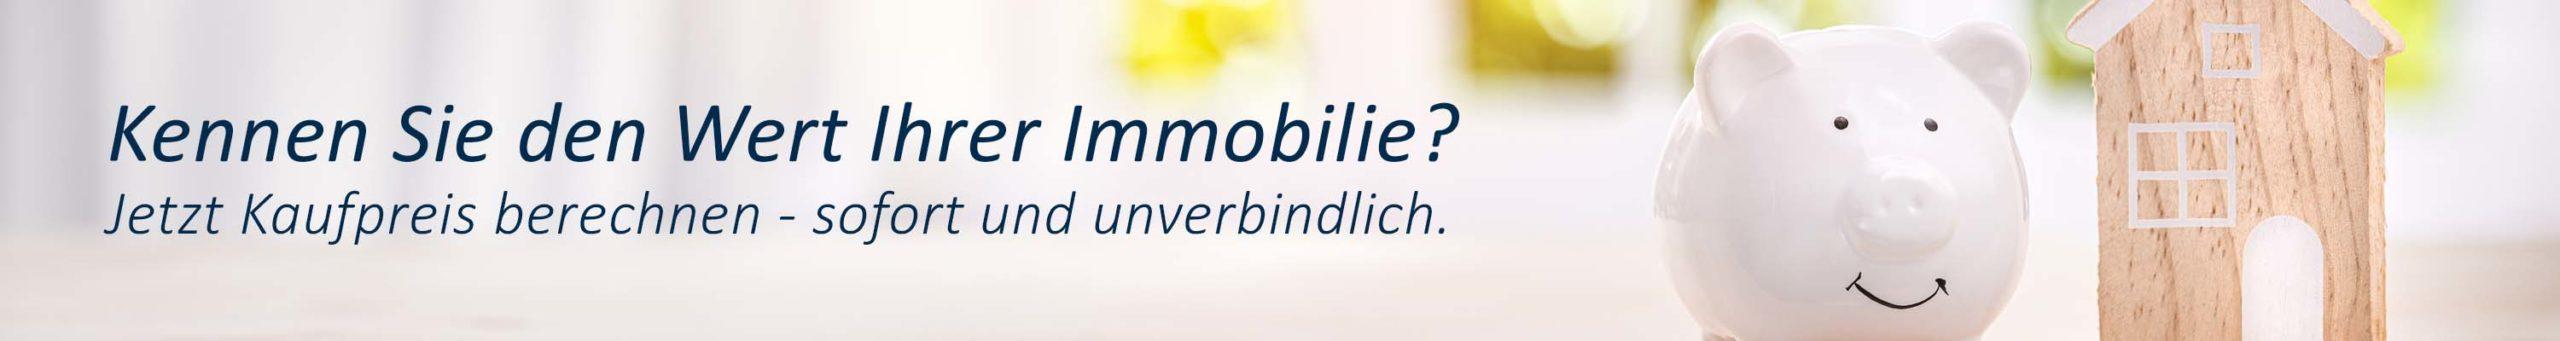 Immobilienmakler Düsseldorf_Linkbild Wertermittlung Banner 3000 5